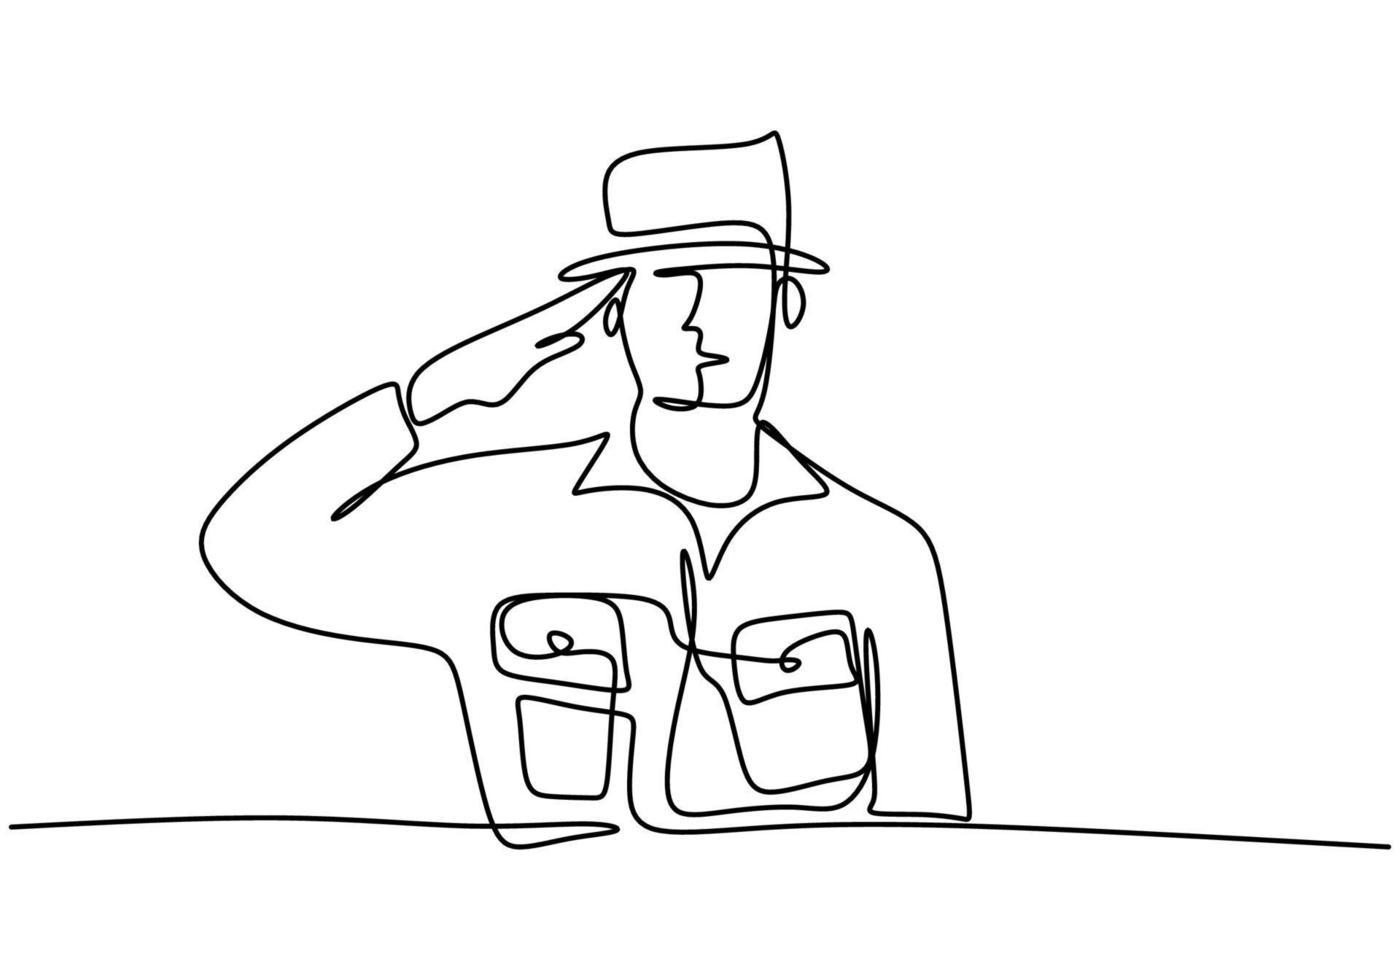 dessin continu d'une seule ligne d'un major de police. agent de police en uniforme. vecteur